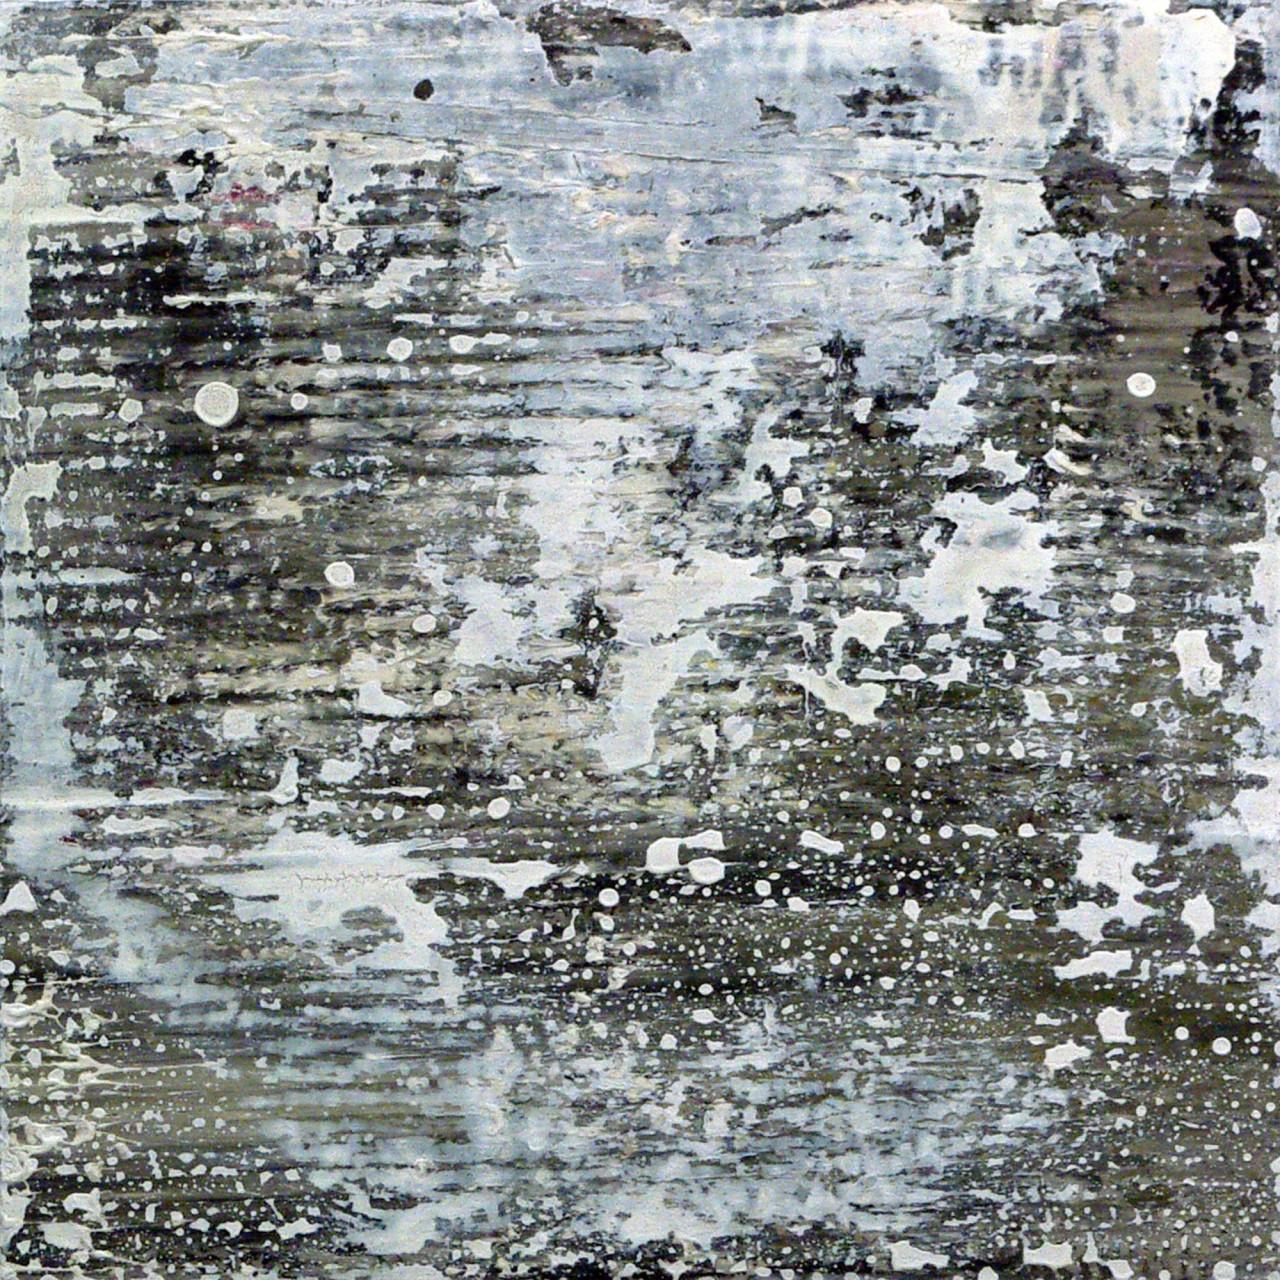 656, 2015 olio e smalto su cartone su tavola 30x30 cm